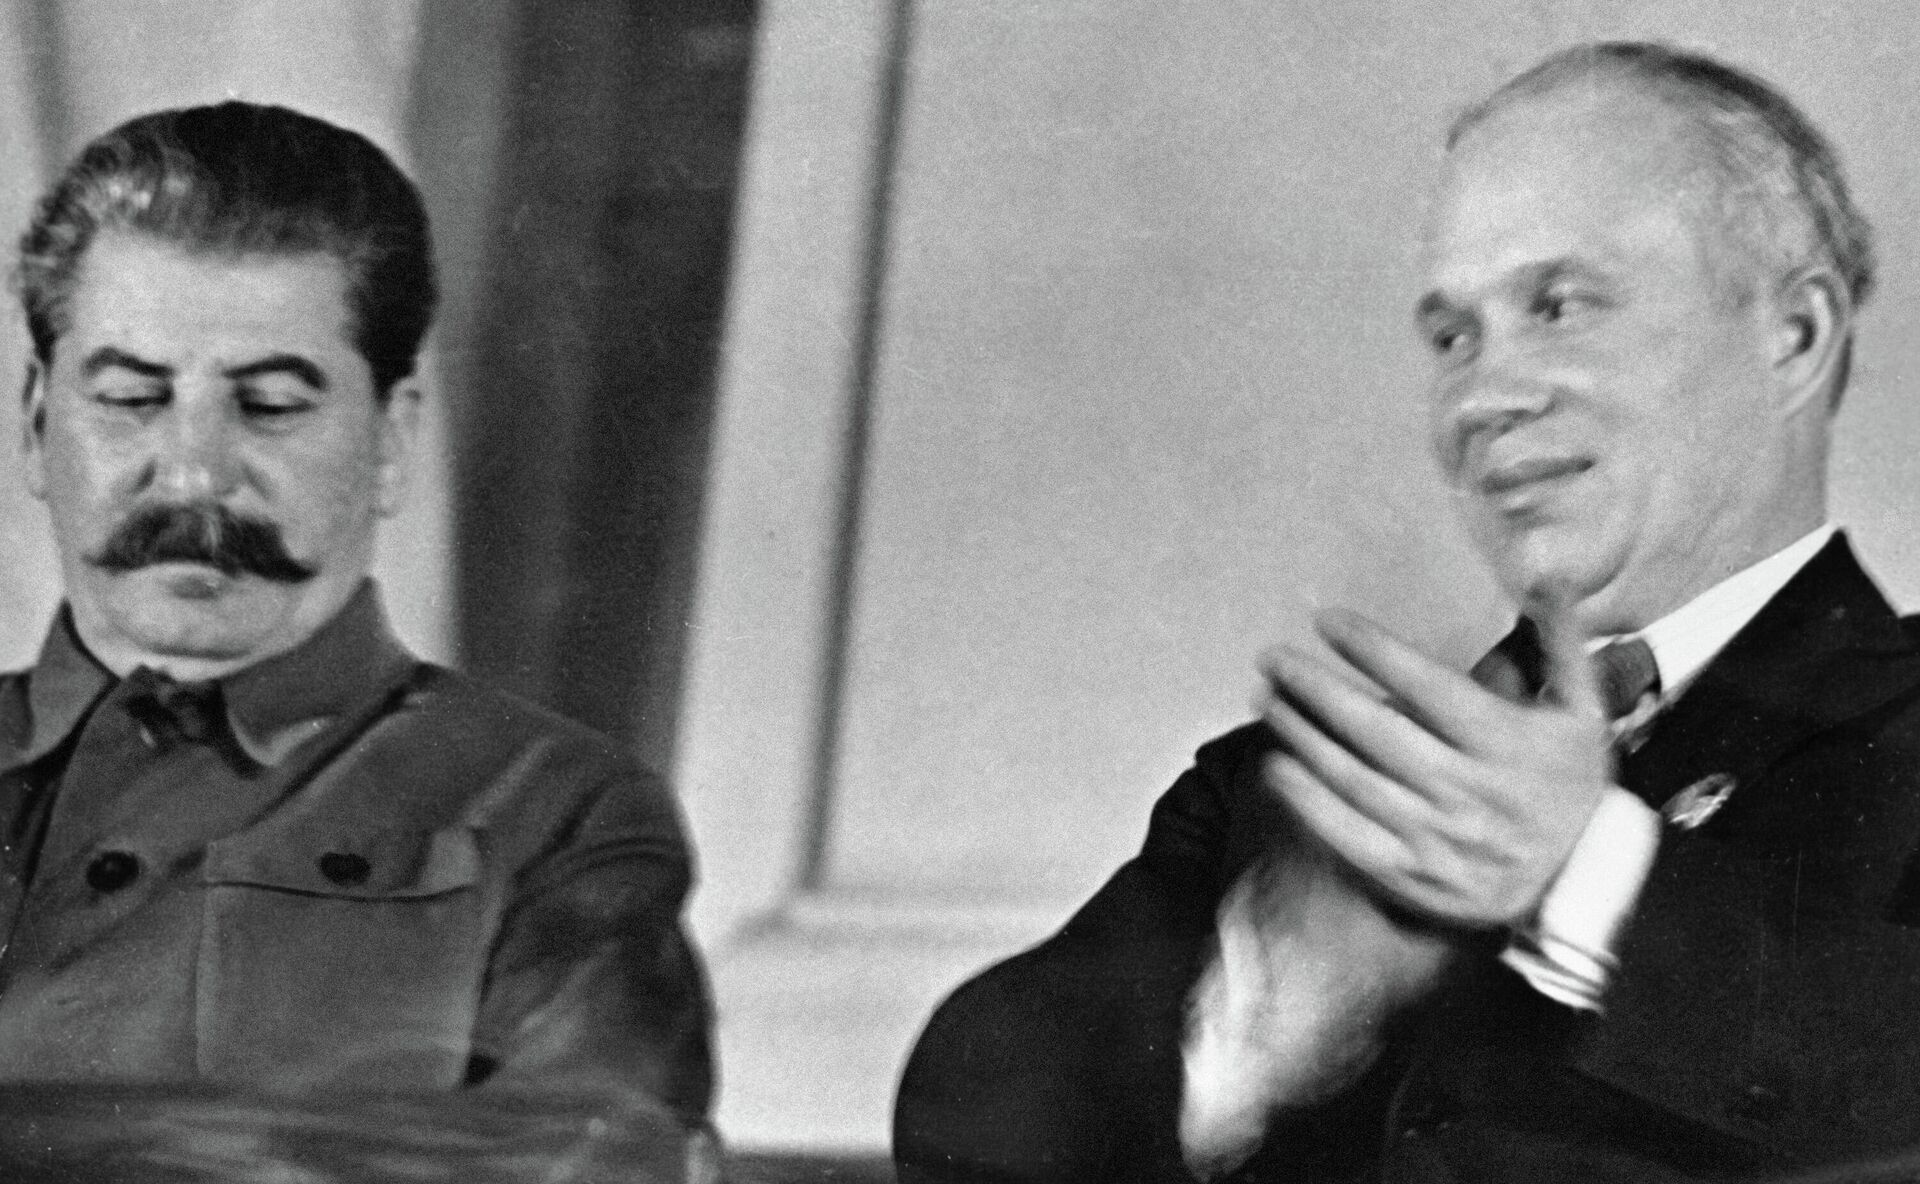 Генеральный секретарь ЦК ВКП (б) Иосиф Сталин (слева) и член ЦК Никита Хрущев в президиуме Х съезде комсомола. - РИА Новости, 1920, 24.02.2021